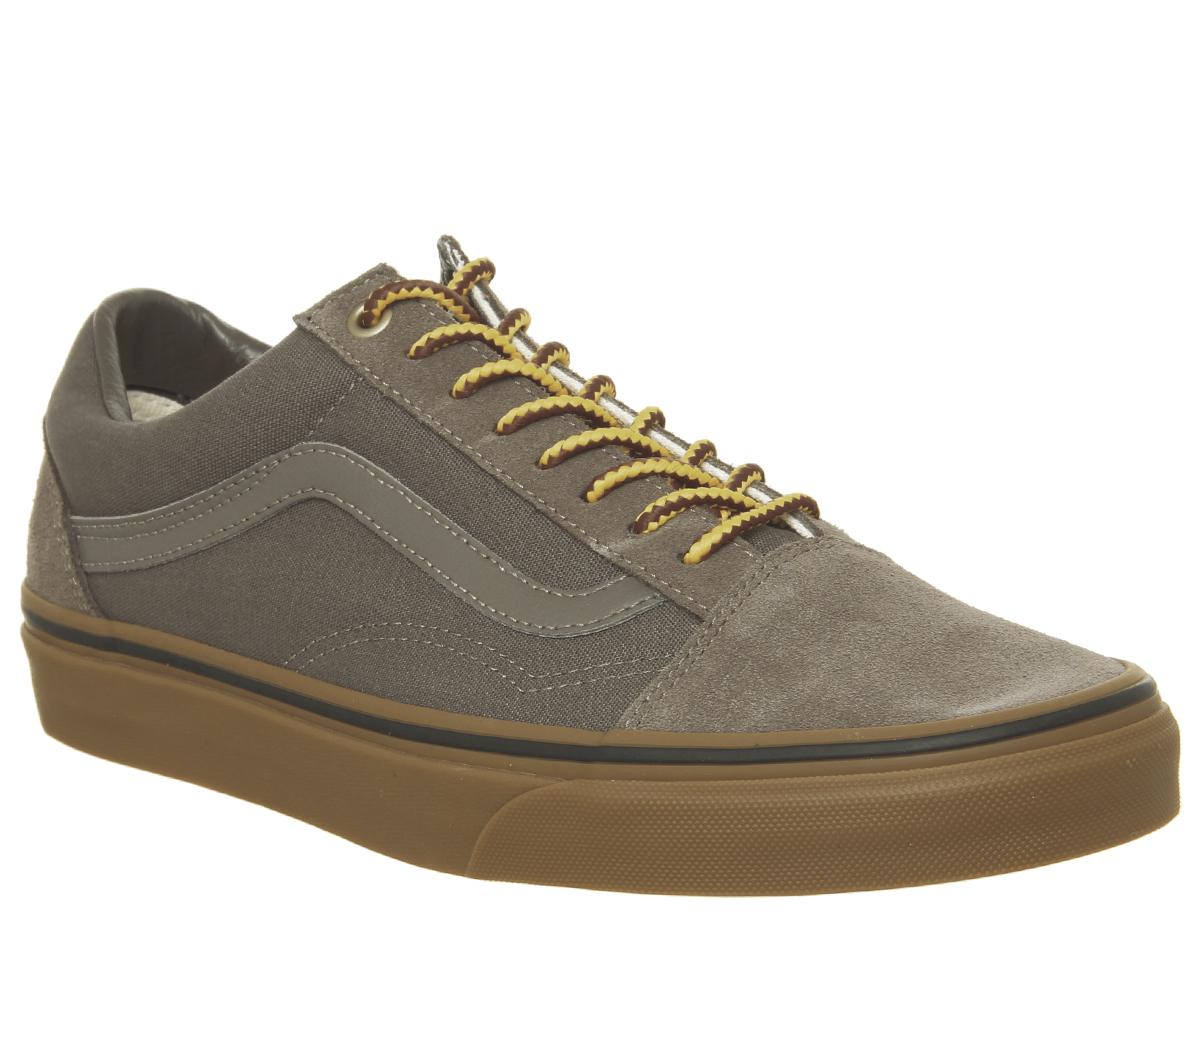 a113055c1f4 Dettagli su Da Uomo Vans Old Skool Sneaker Scarpe Da Ginnastica Falcon Boot  Pizzo Scarpe Da Ginnastica Gumsole- mostra il titolo originale